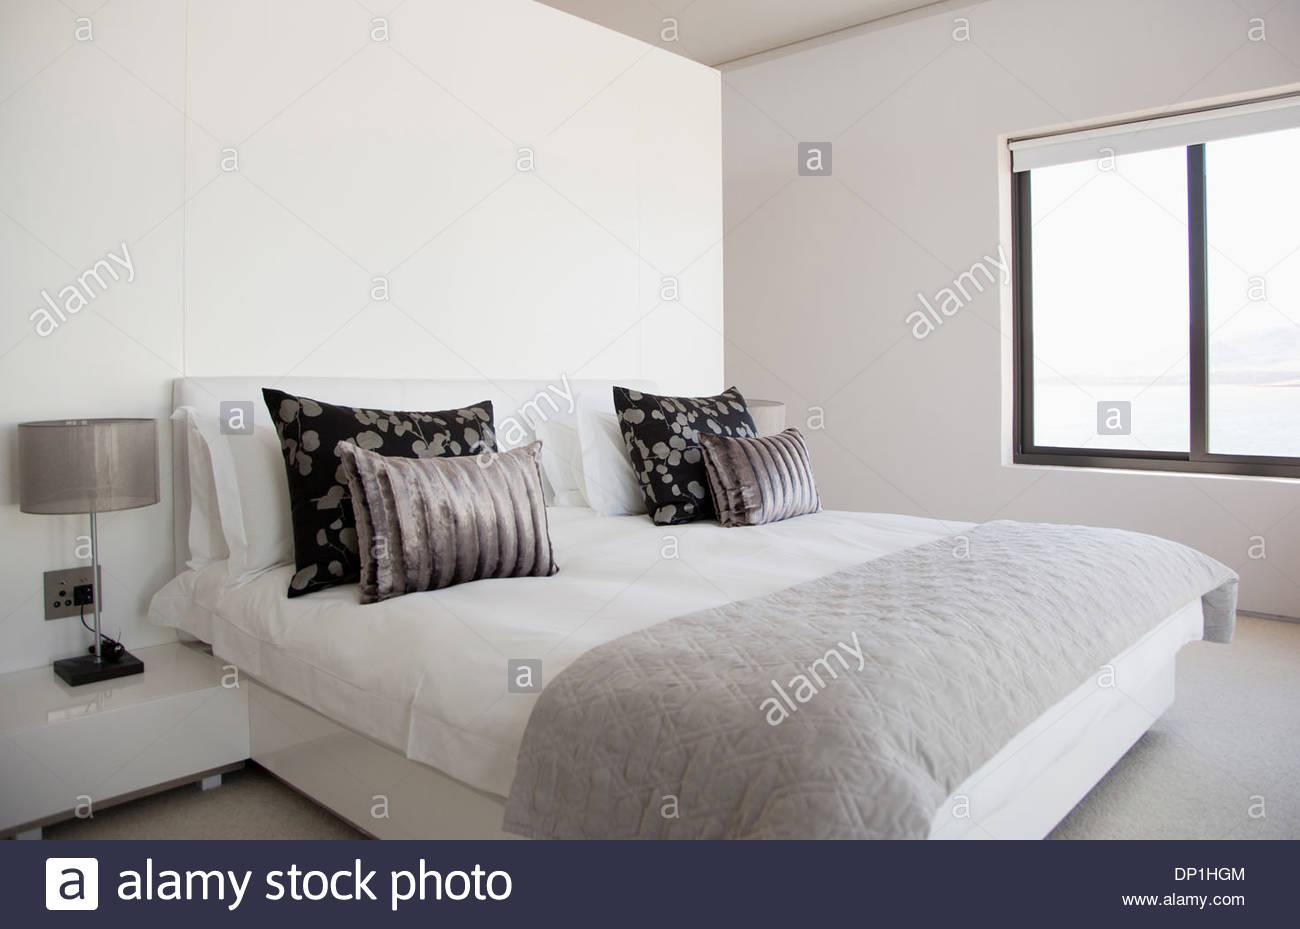 La cama en el dormitorio moderno Imagen De Stock